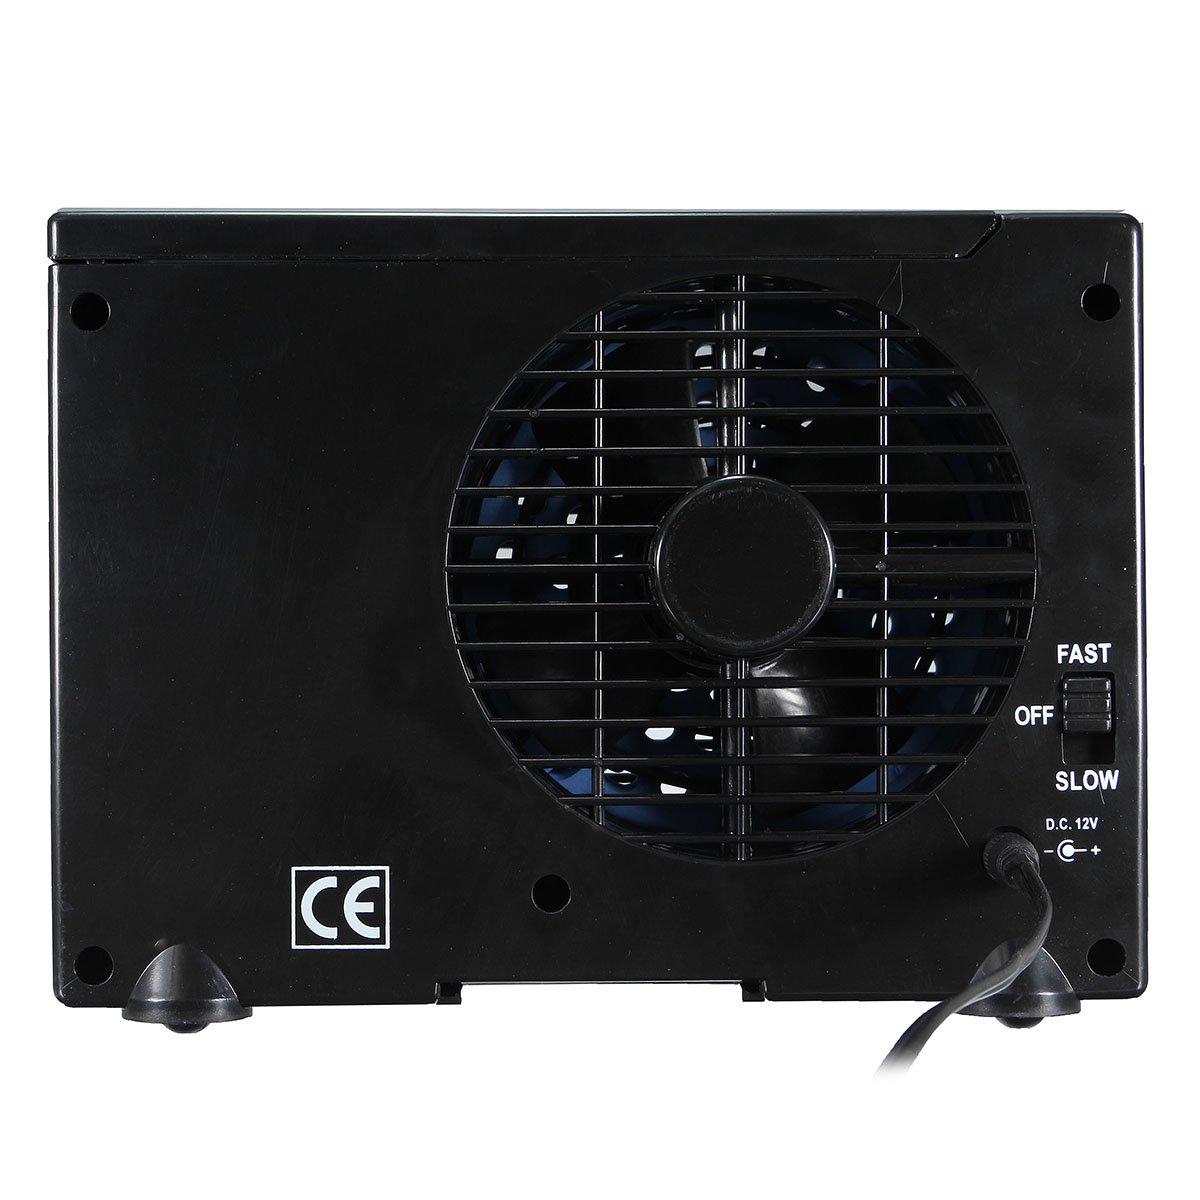 GOZAR 12V Portátil Home Car Refrigerador Refrigeración Ventilador Agua Hielo Aire Acondicionado Evaporativo: Amazon.es: Hogar